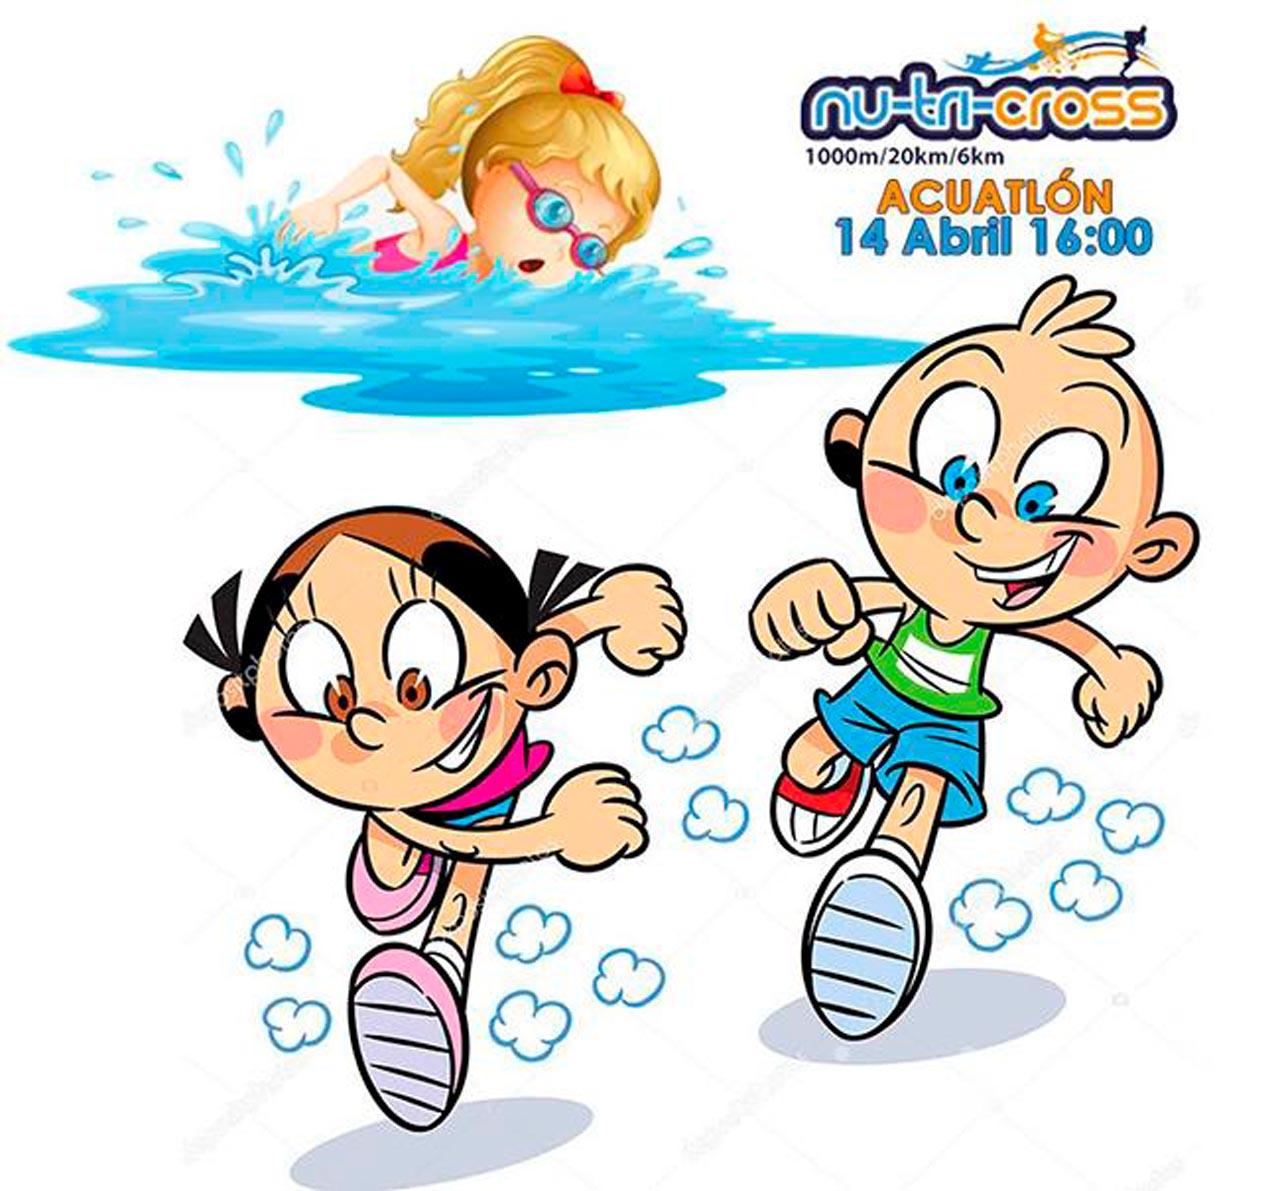 El Nutricross contará con un acuatlón para los deportistas más jóvenes